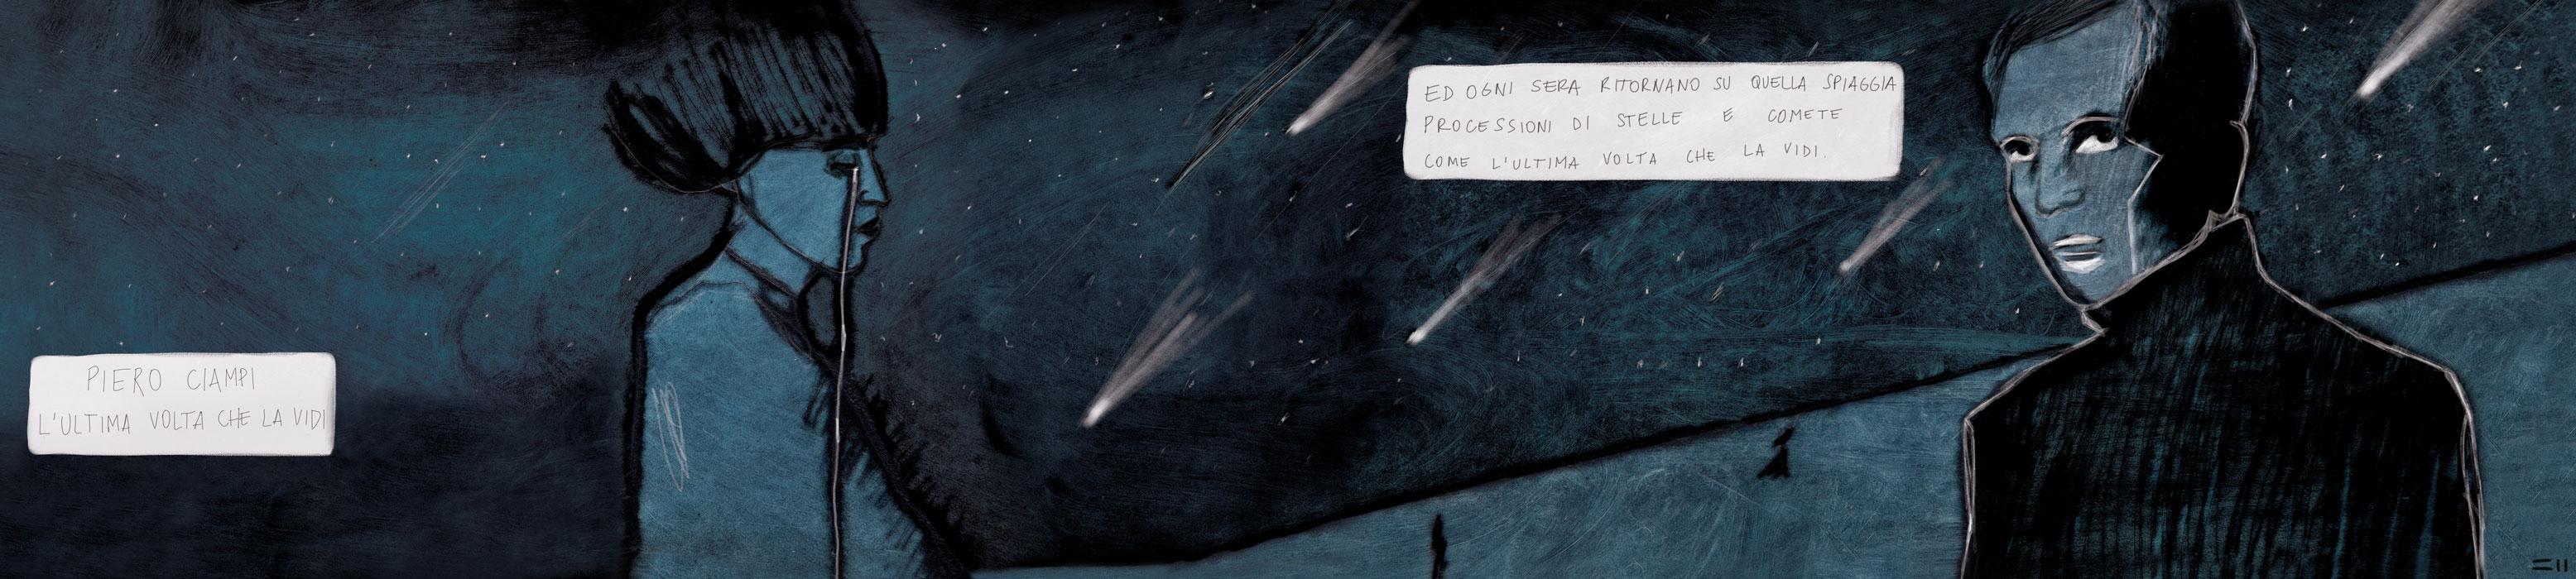 Piero Ciampi - L'Ultima Volta Che La Vidi (Francesca Nicolosi)